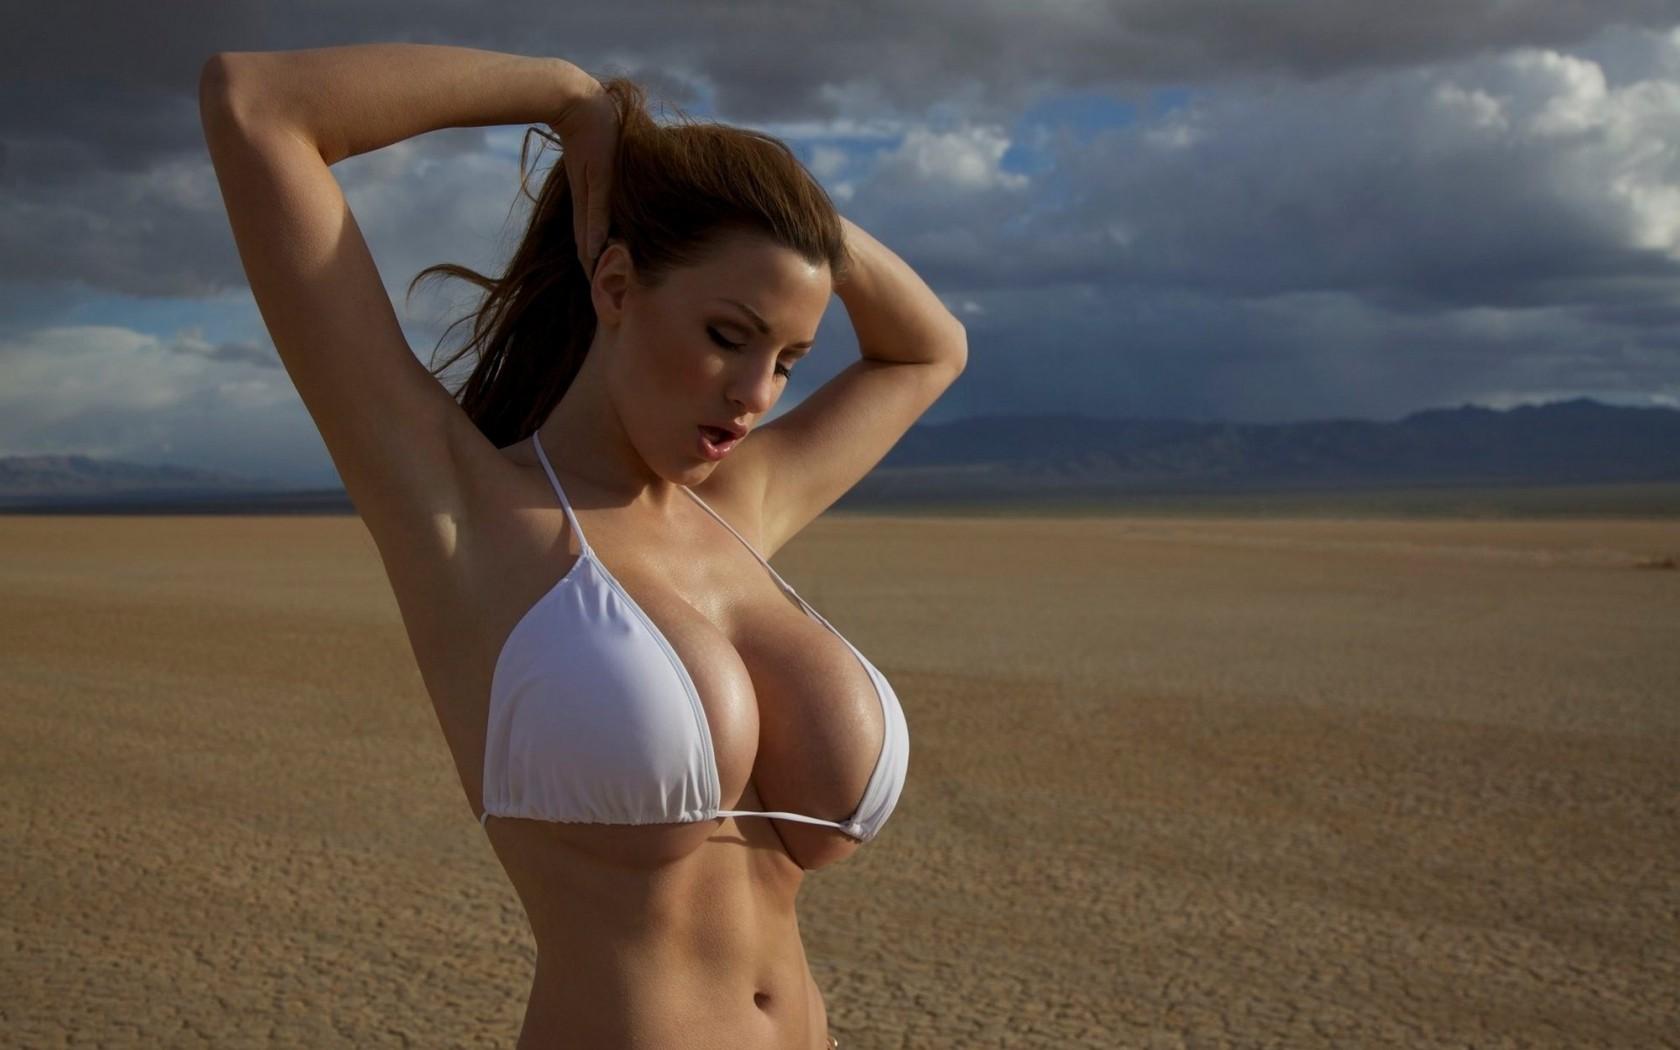 Телки с 4размером фото, Девушки с грудью 4 размера голые на домашних фото 2 фотография